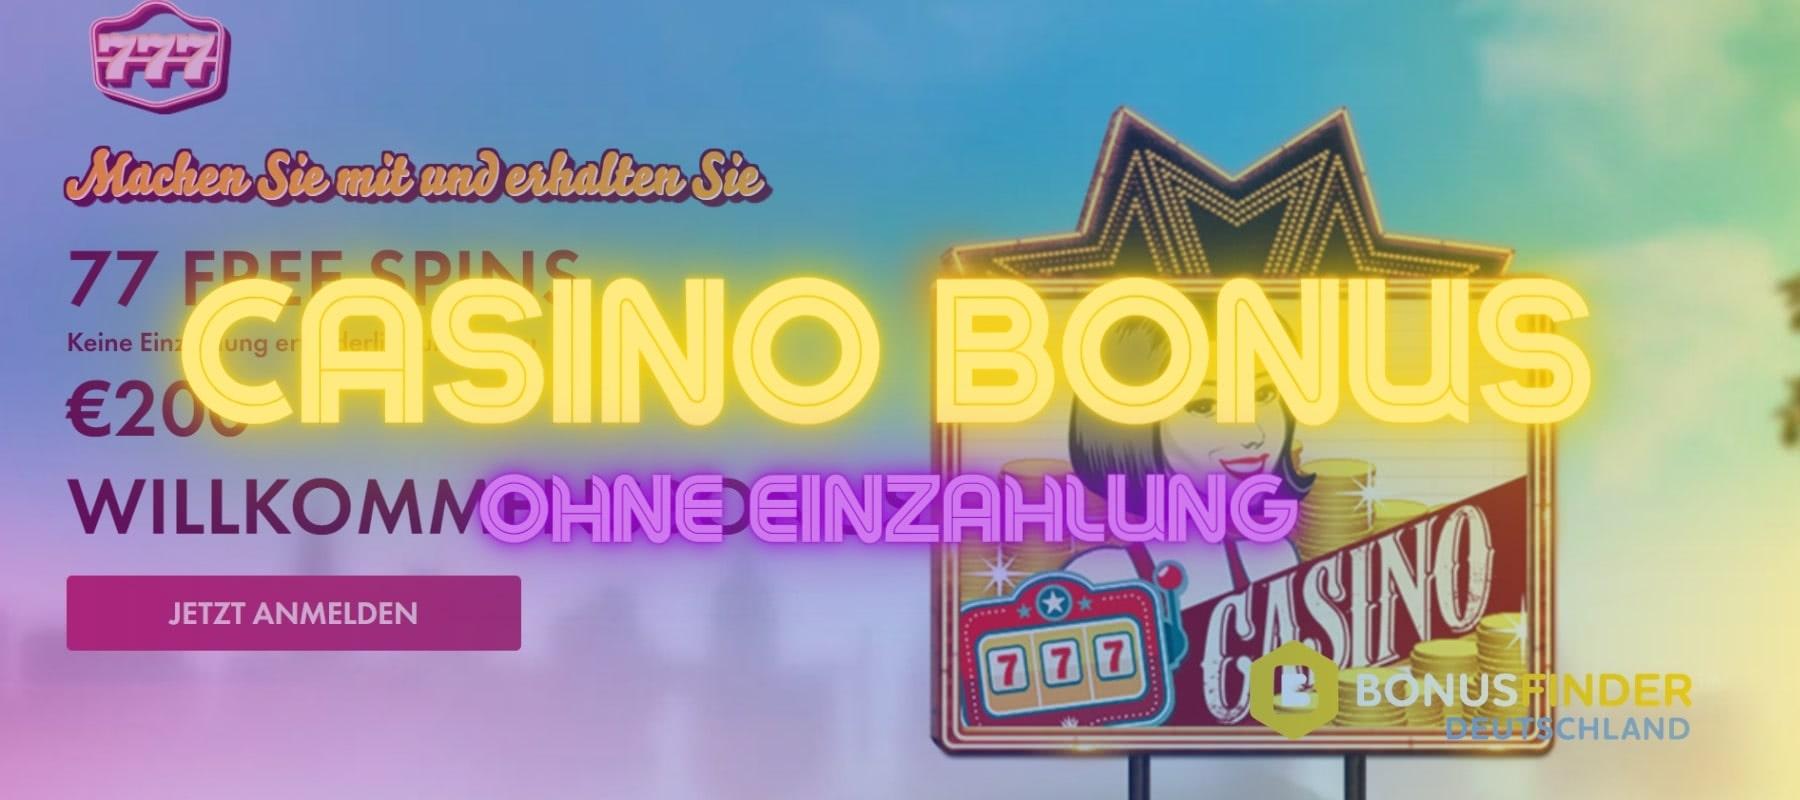 casino bonus ohne einzahlung 2020 august